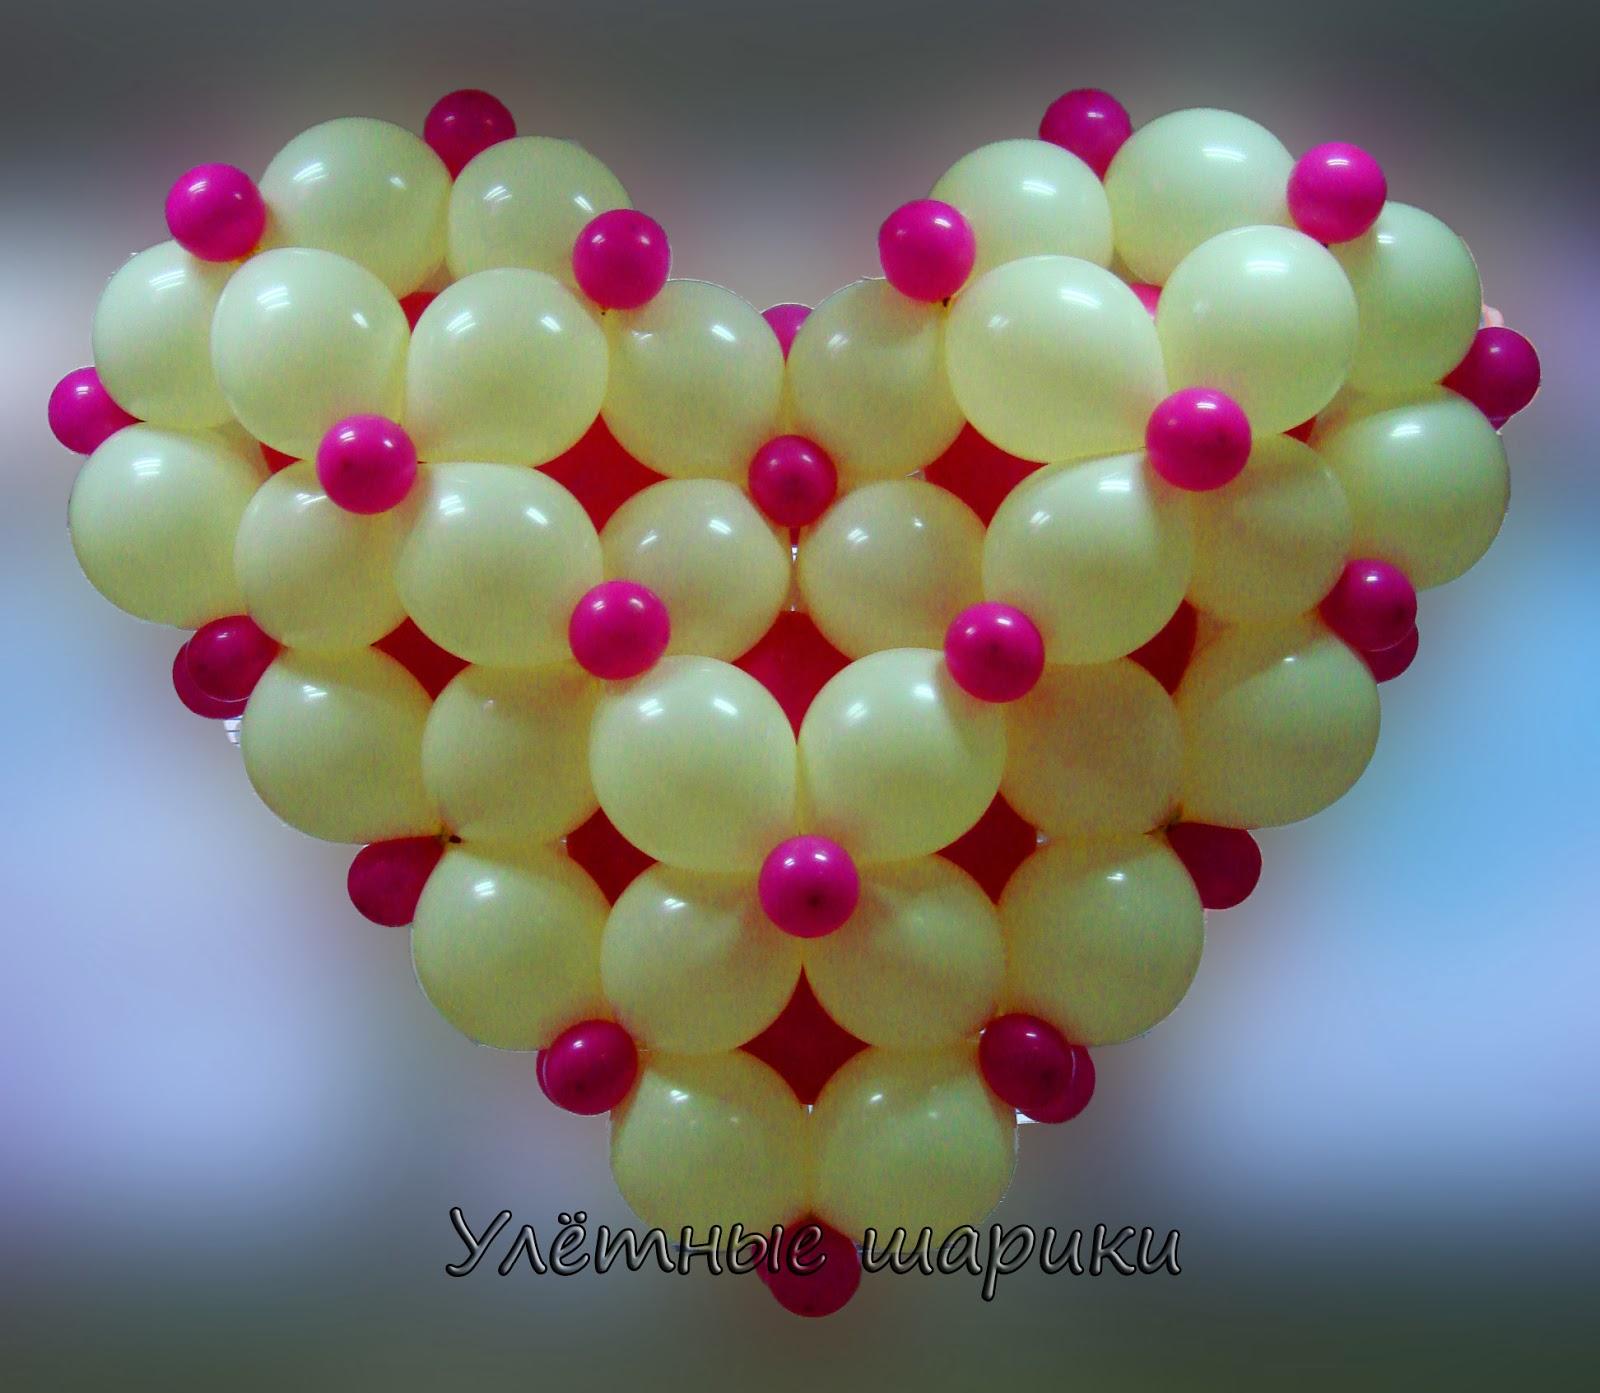 Объемное сердце из воздушных шариков